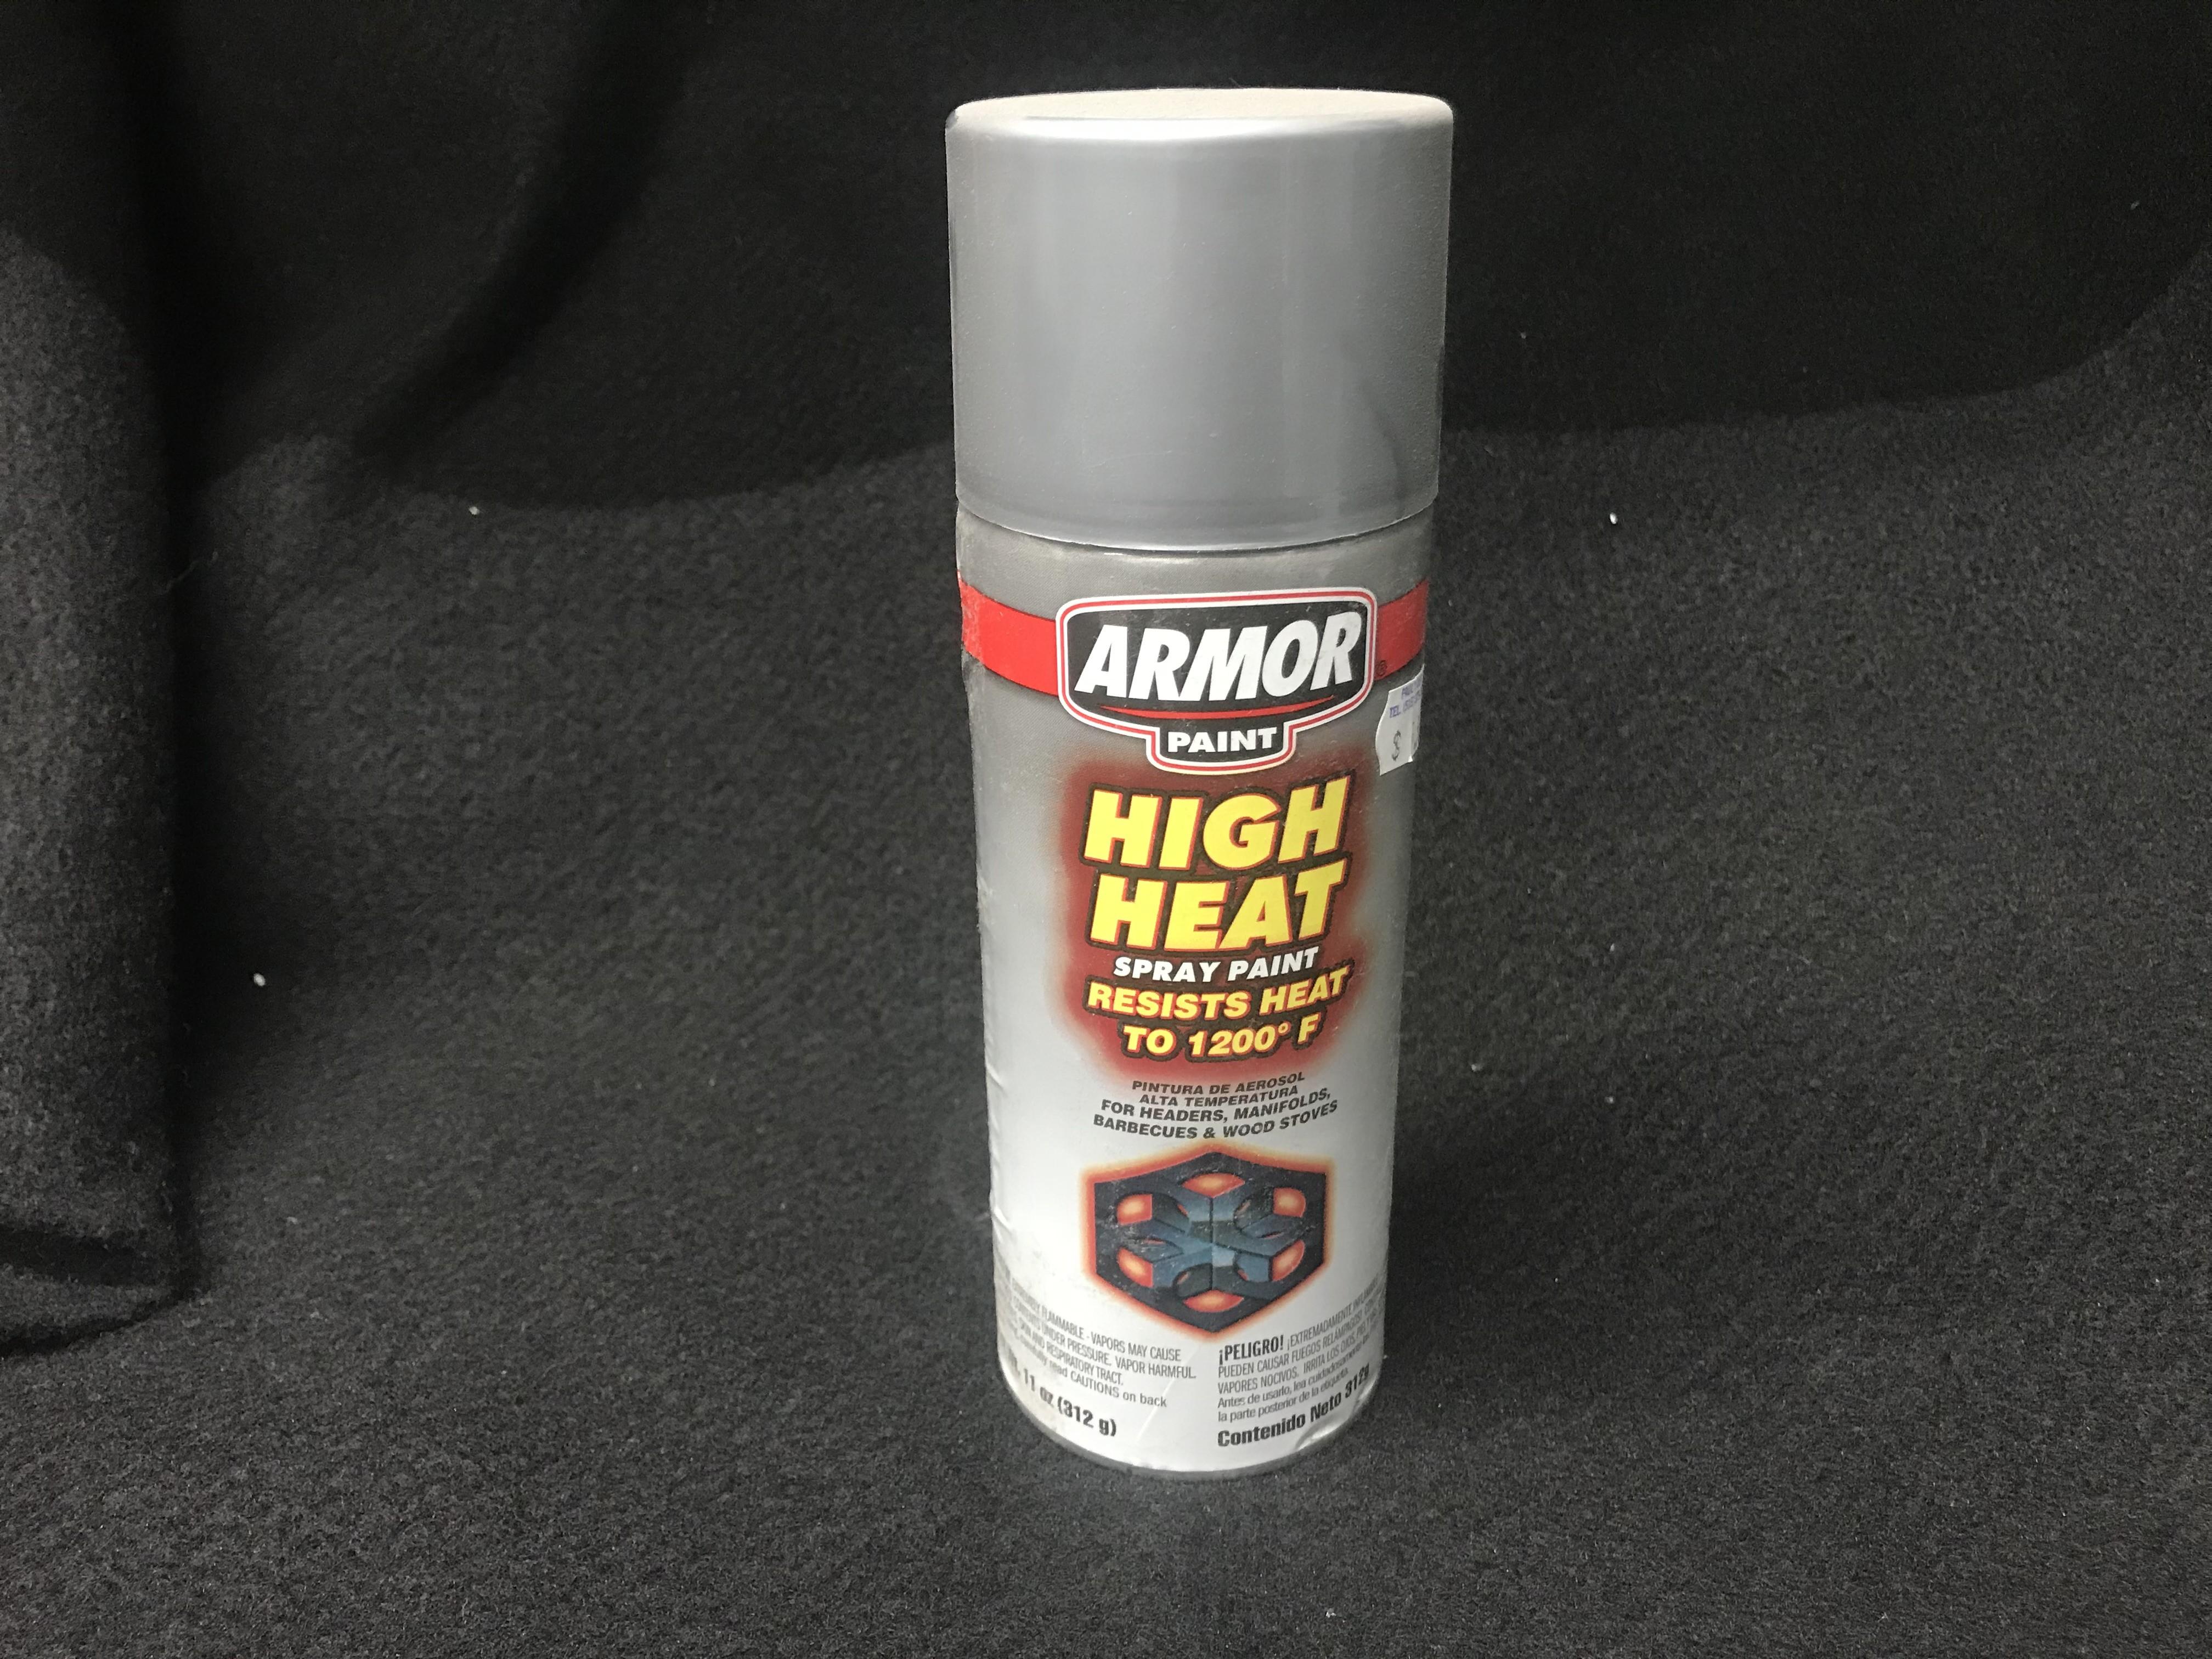 Armor High Heat Aluminum Spray Paint